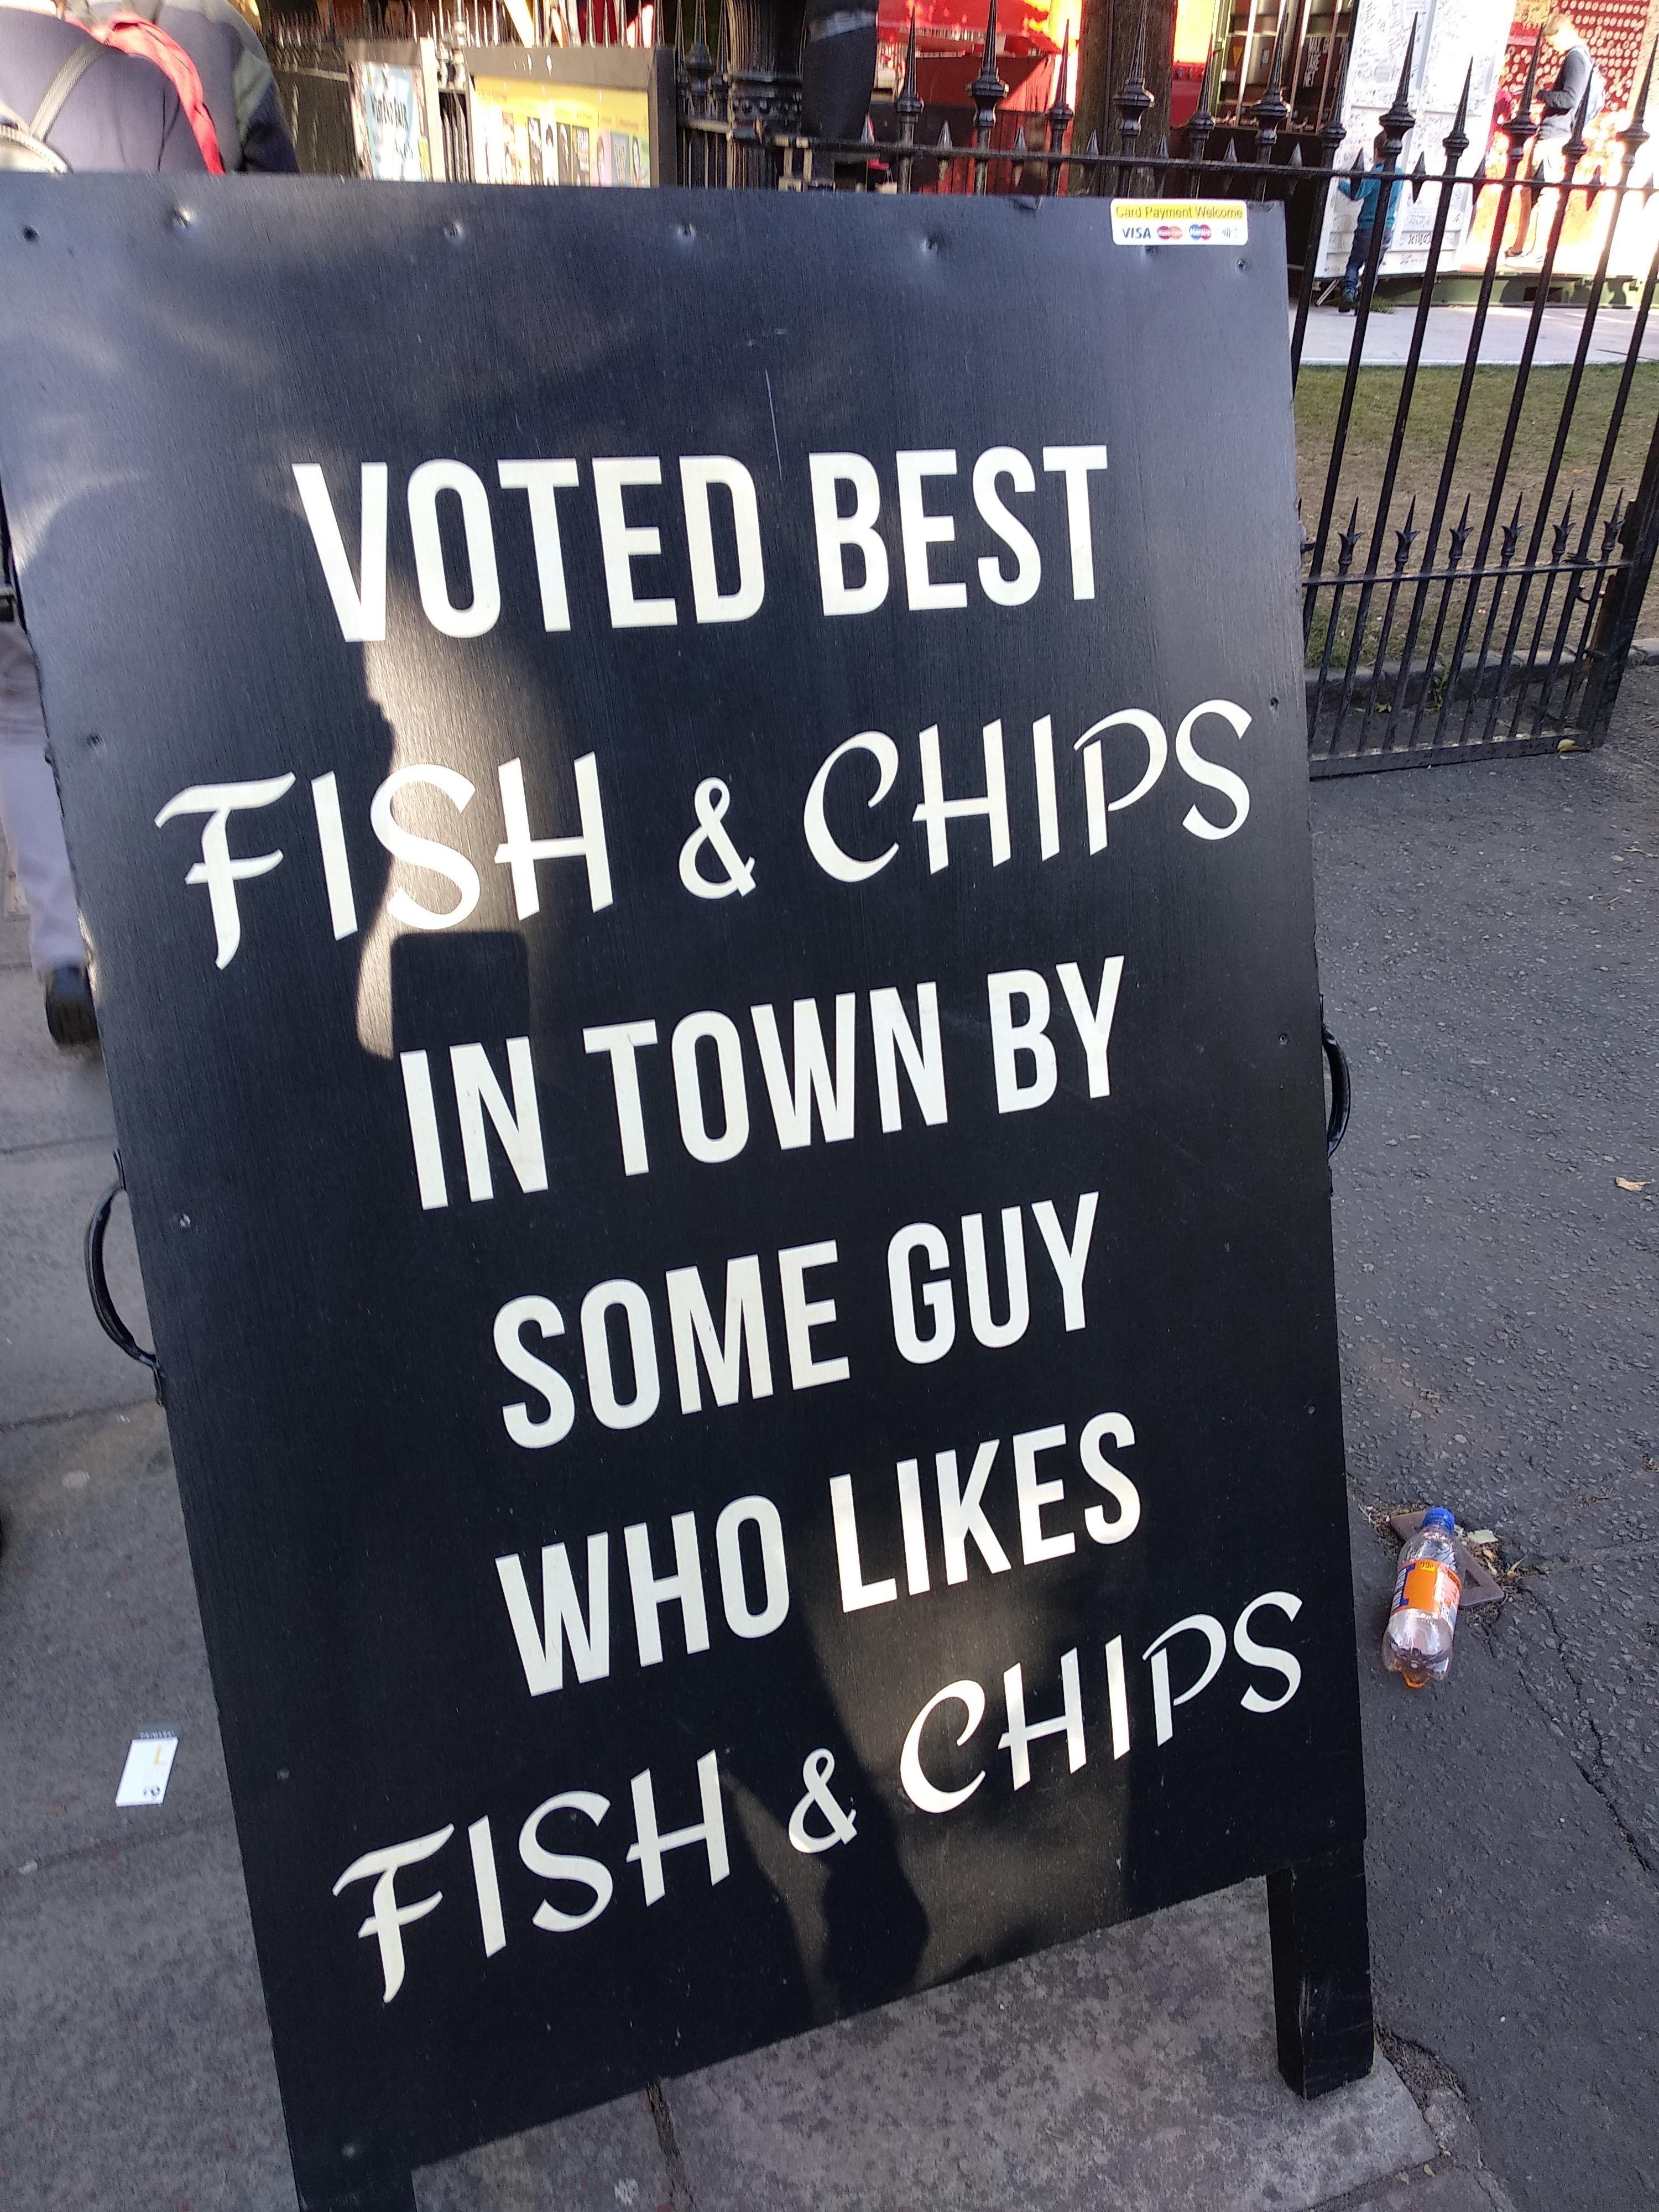 Seen in Edinburgh